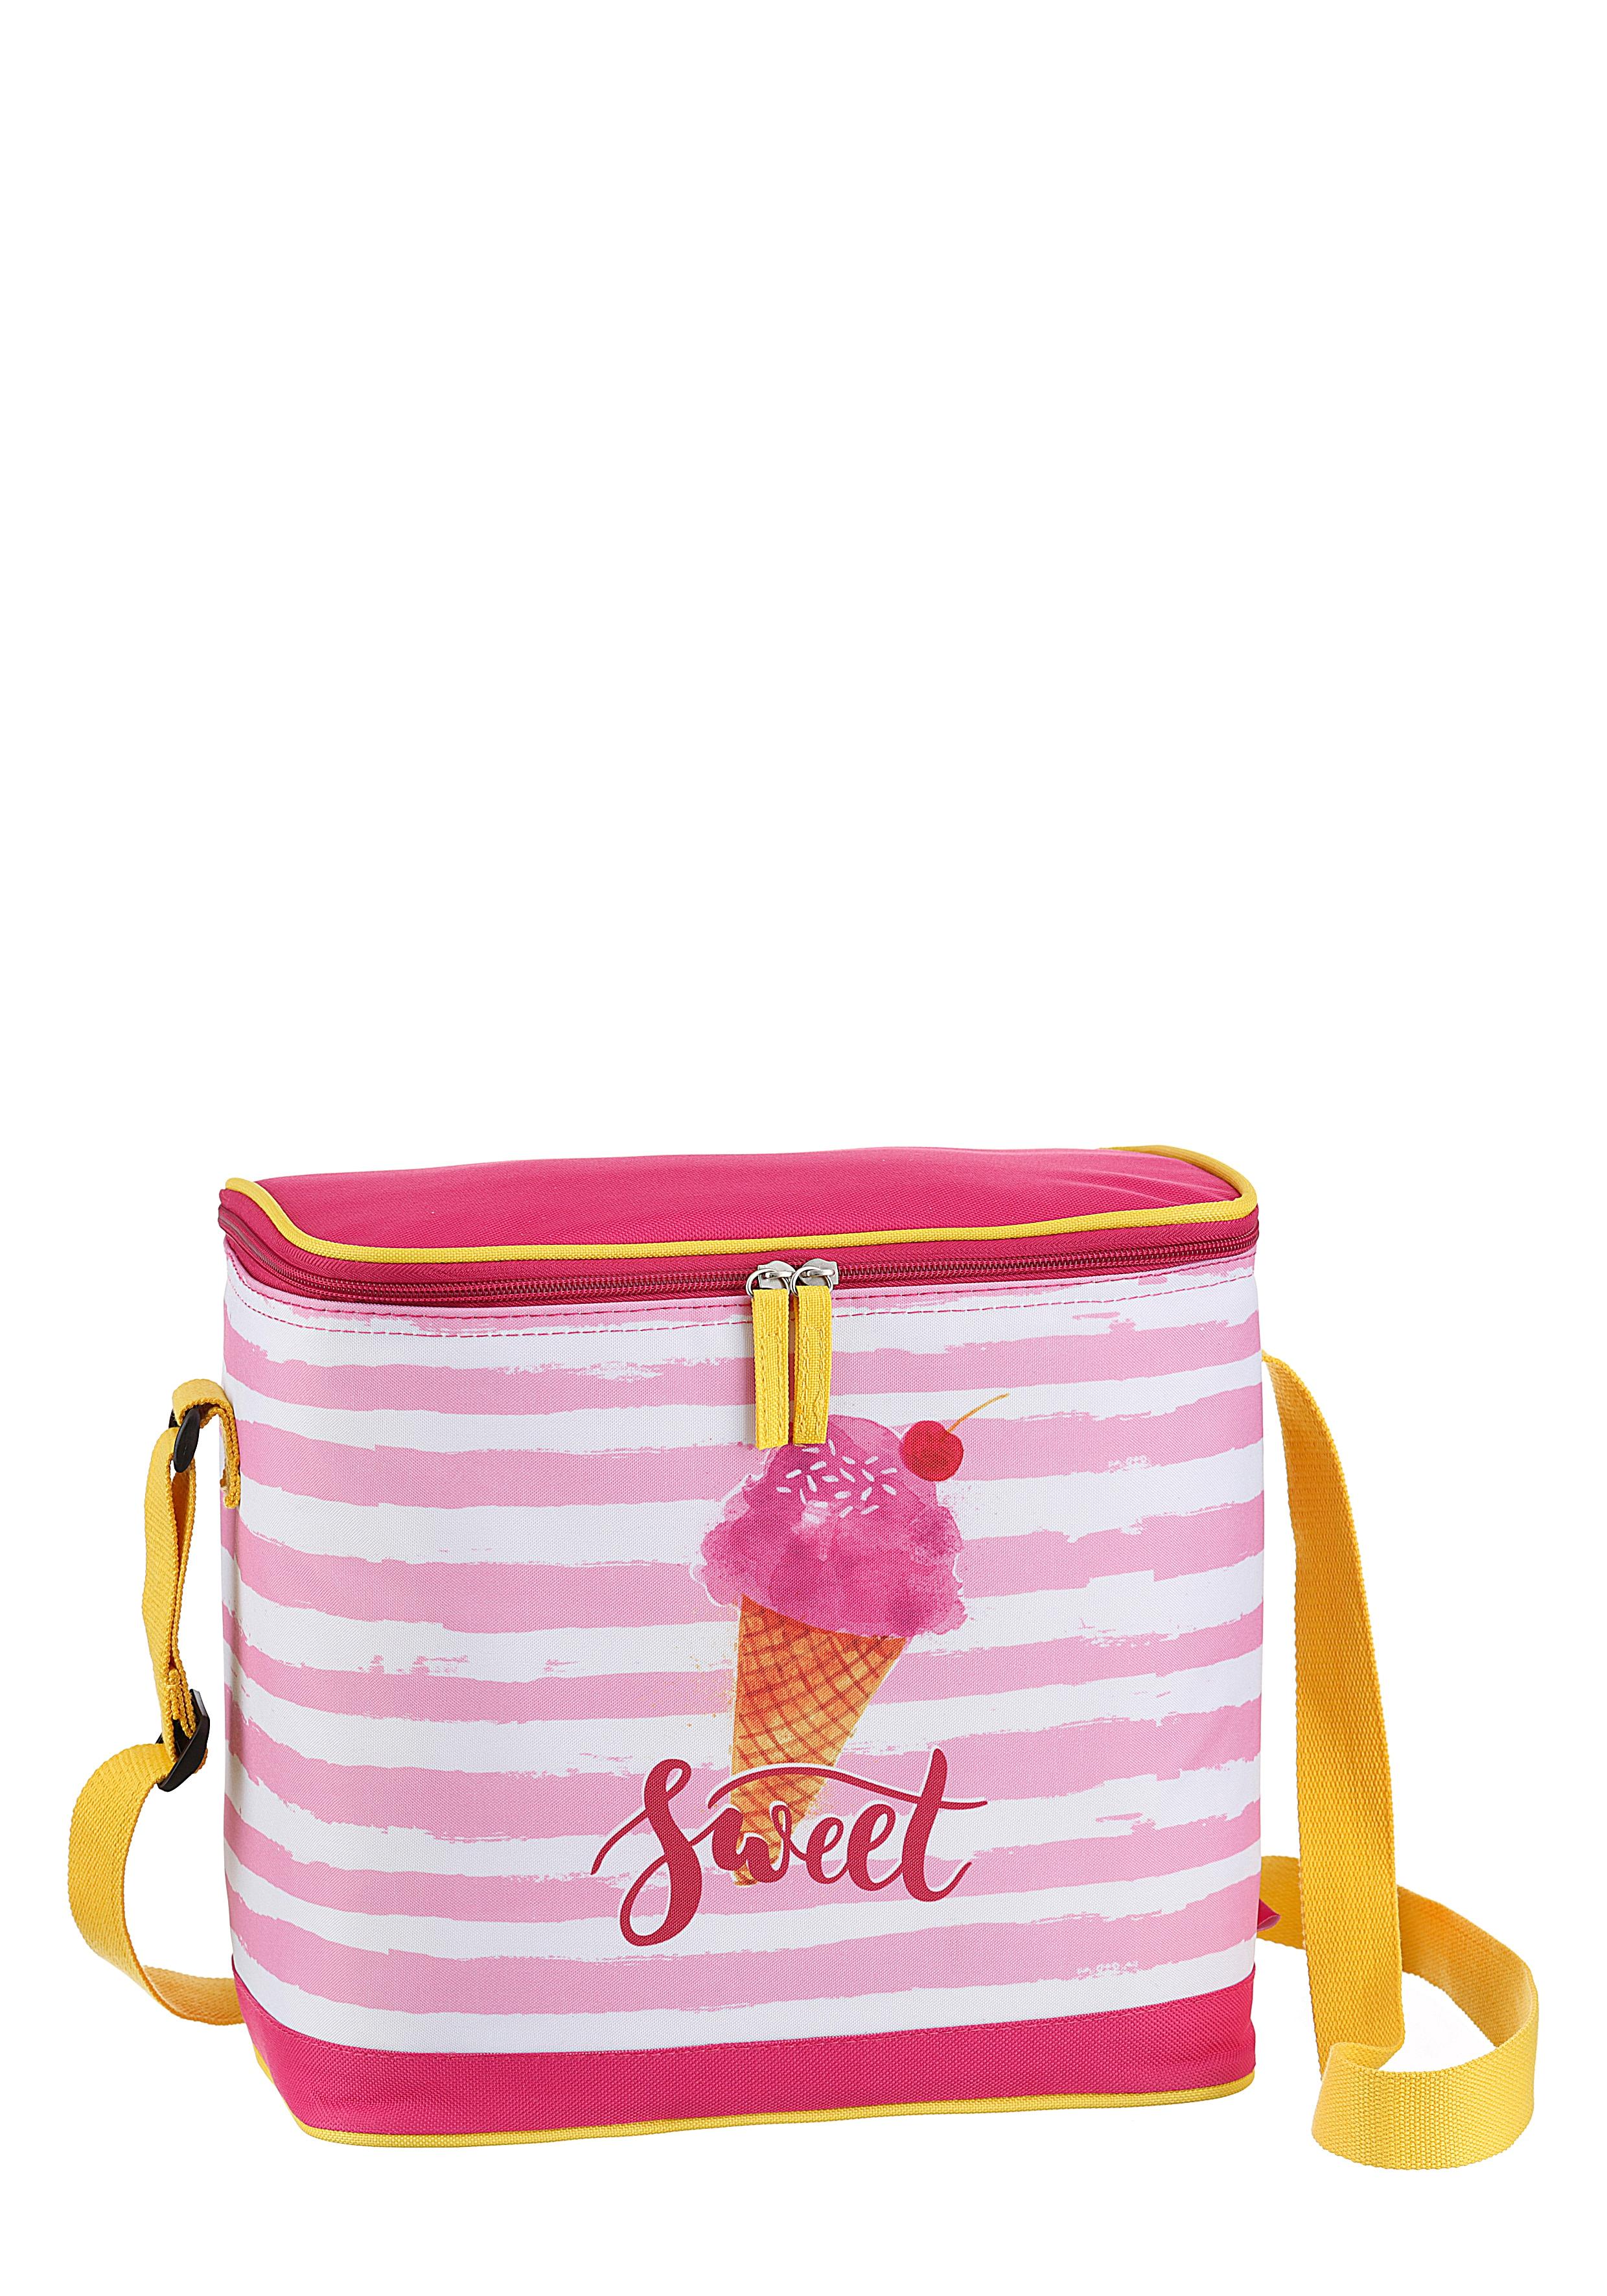 fabrizio -  Strandtasche, Kühltasche mit Kühlfach, perfekt für den Strand